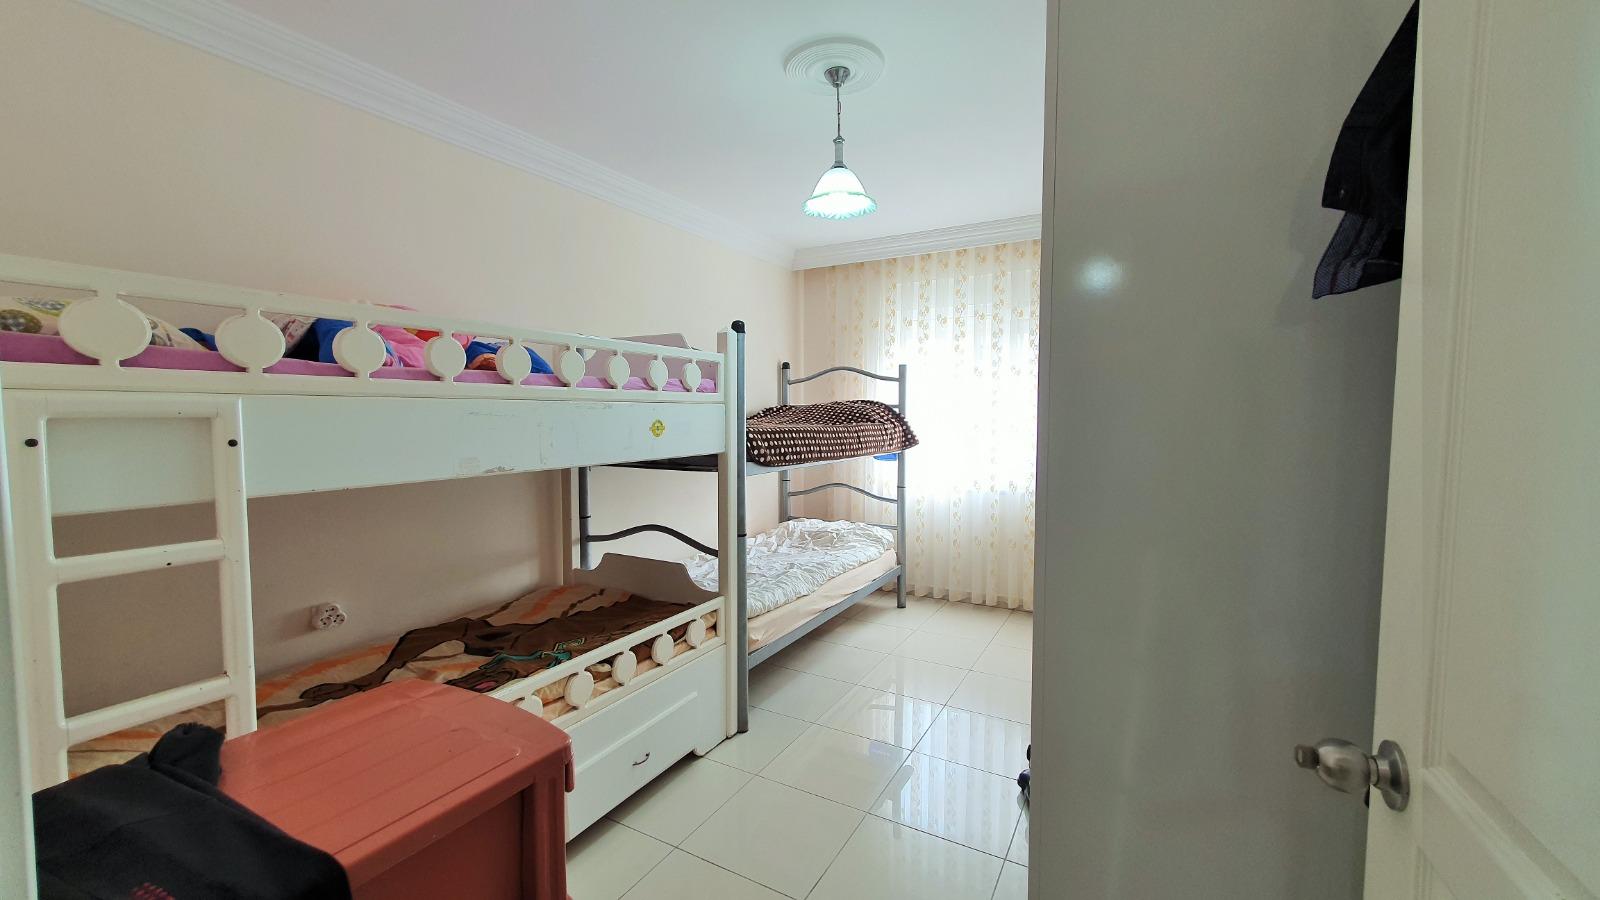 Квартира 2+1 в районе Махмутлар - Фото 5